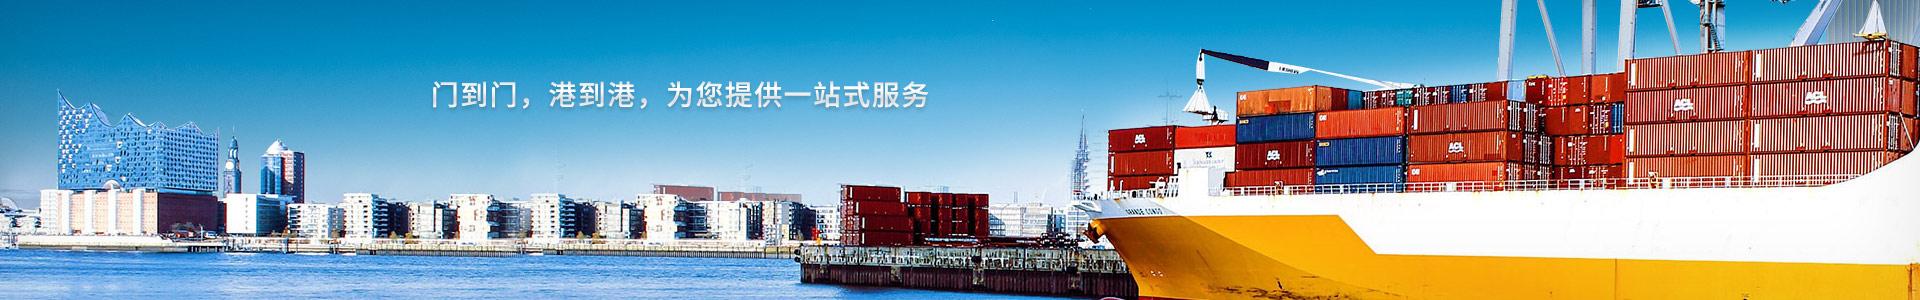 港深国际物流